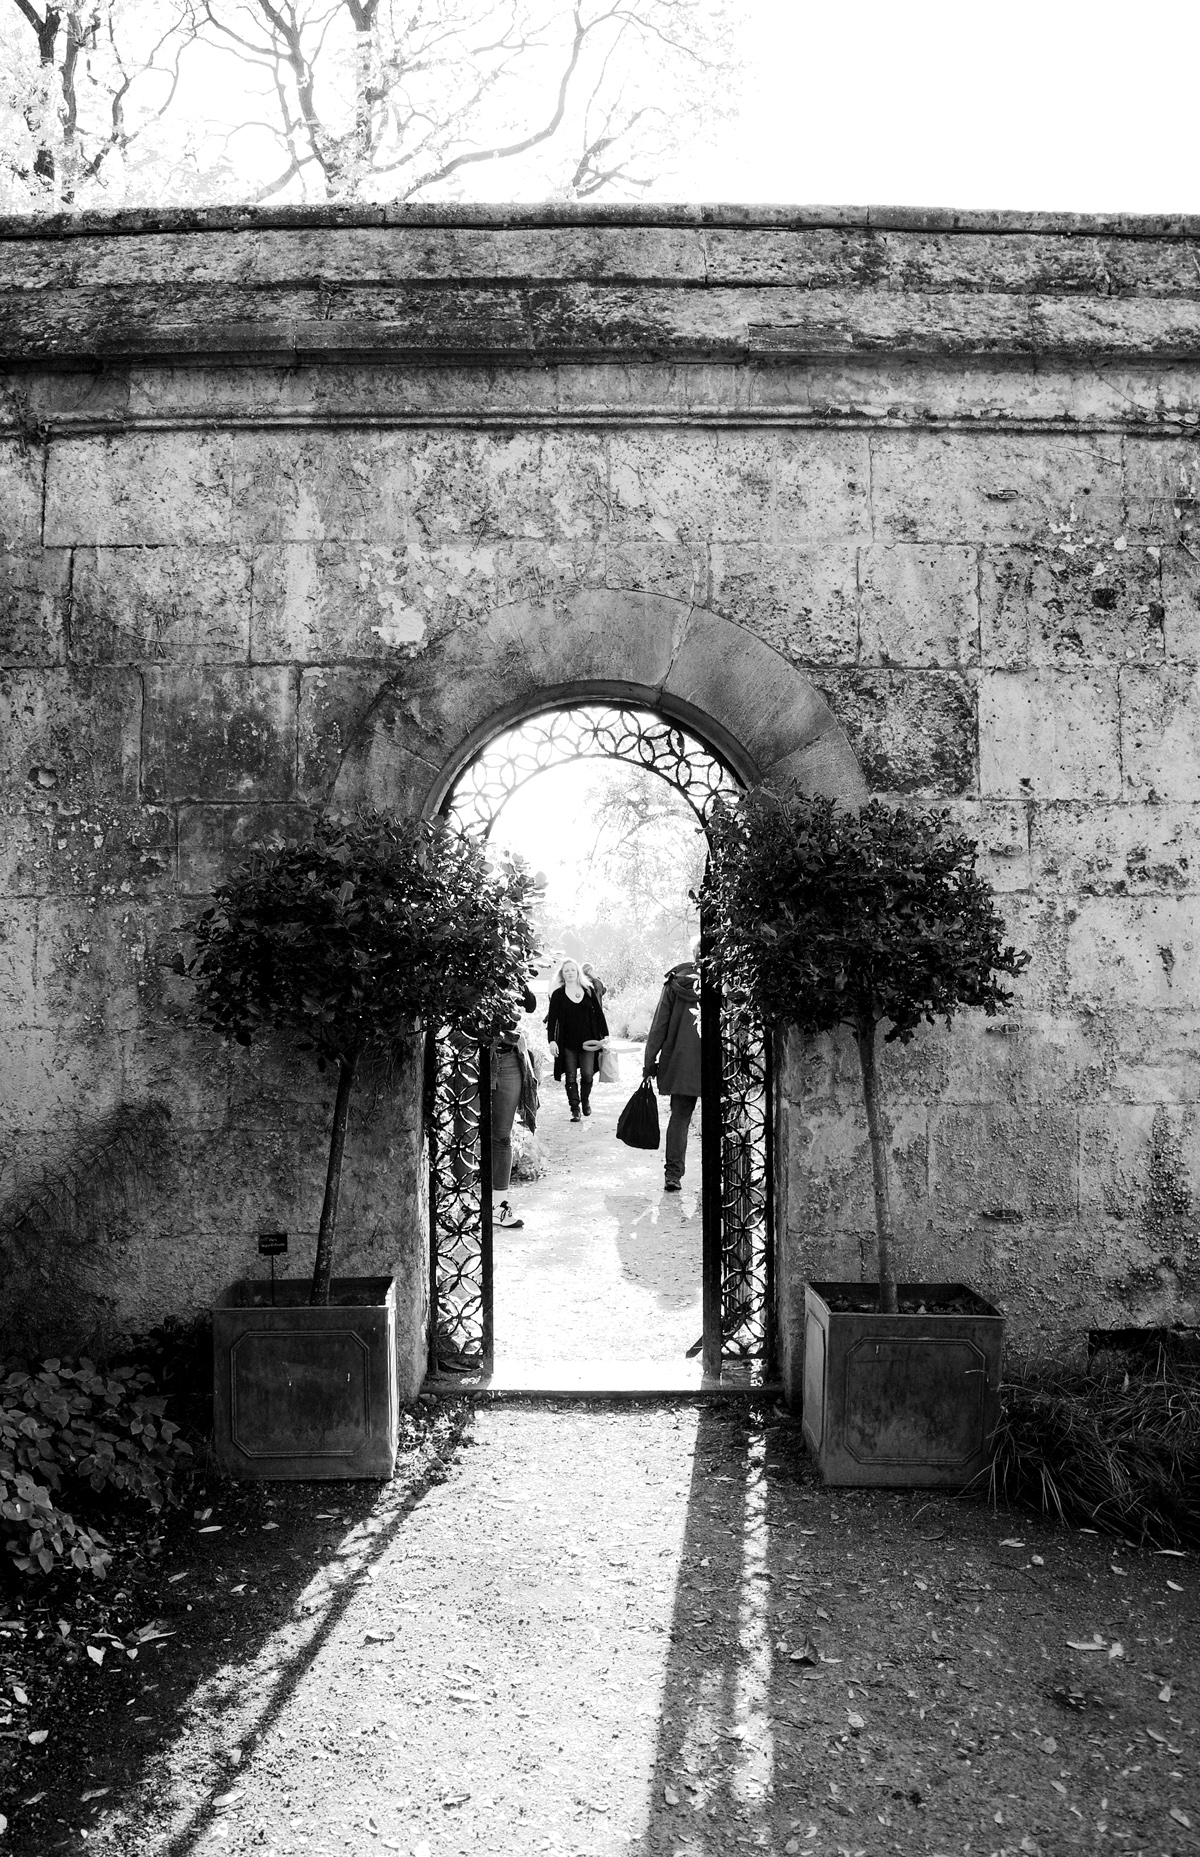 Gateway in the Oxford Botanic Garden.